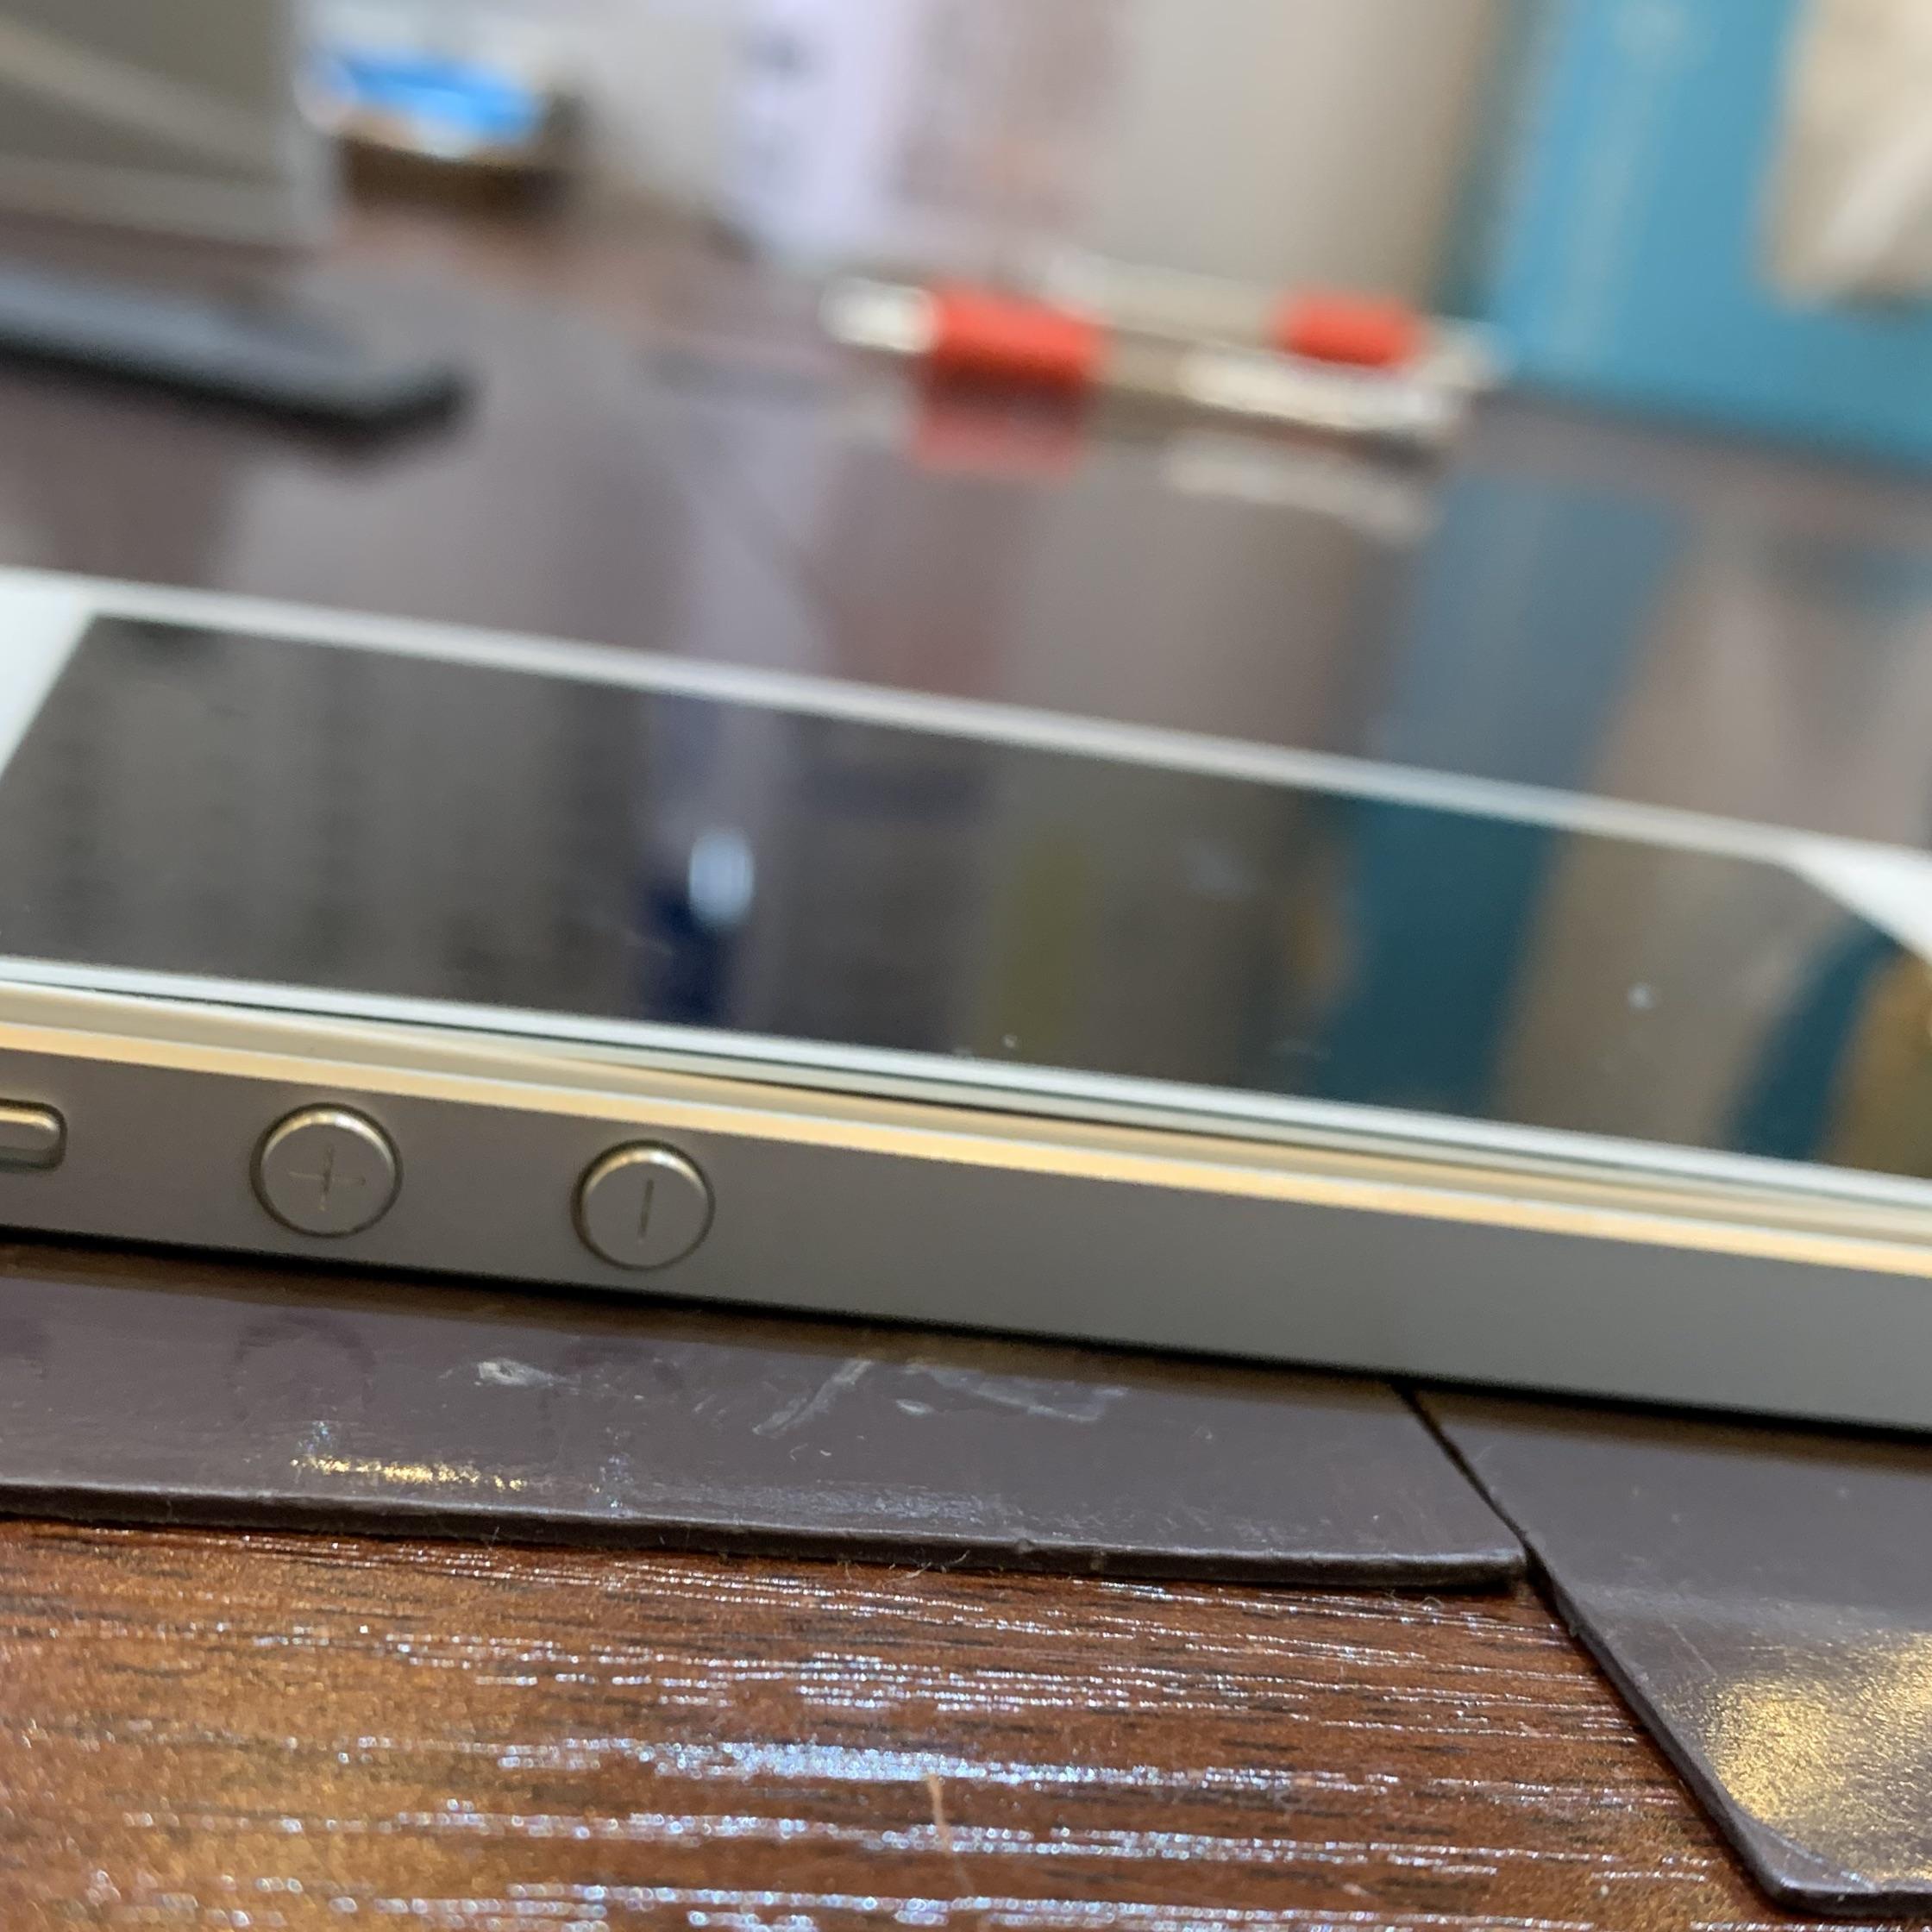 【iPhone5バッテリー交換】川西−膨張してしまったバッテリーはとっても危険!即日・データそのままで!ヒ